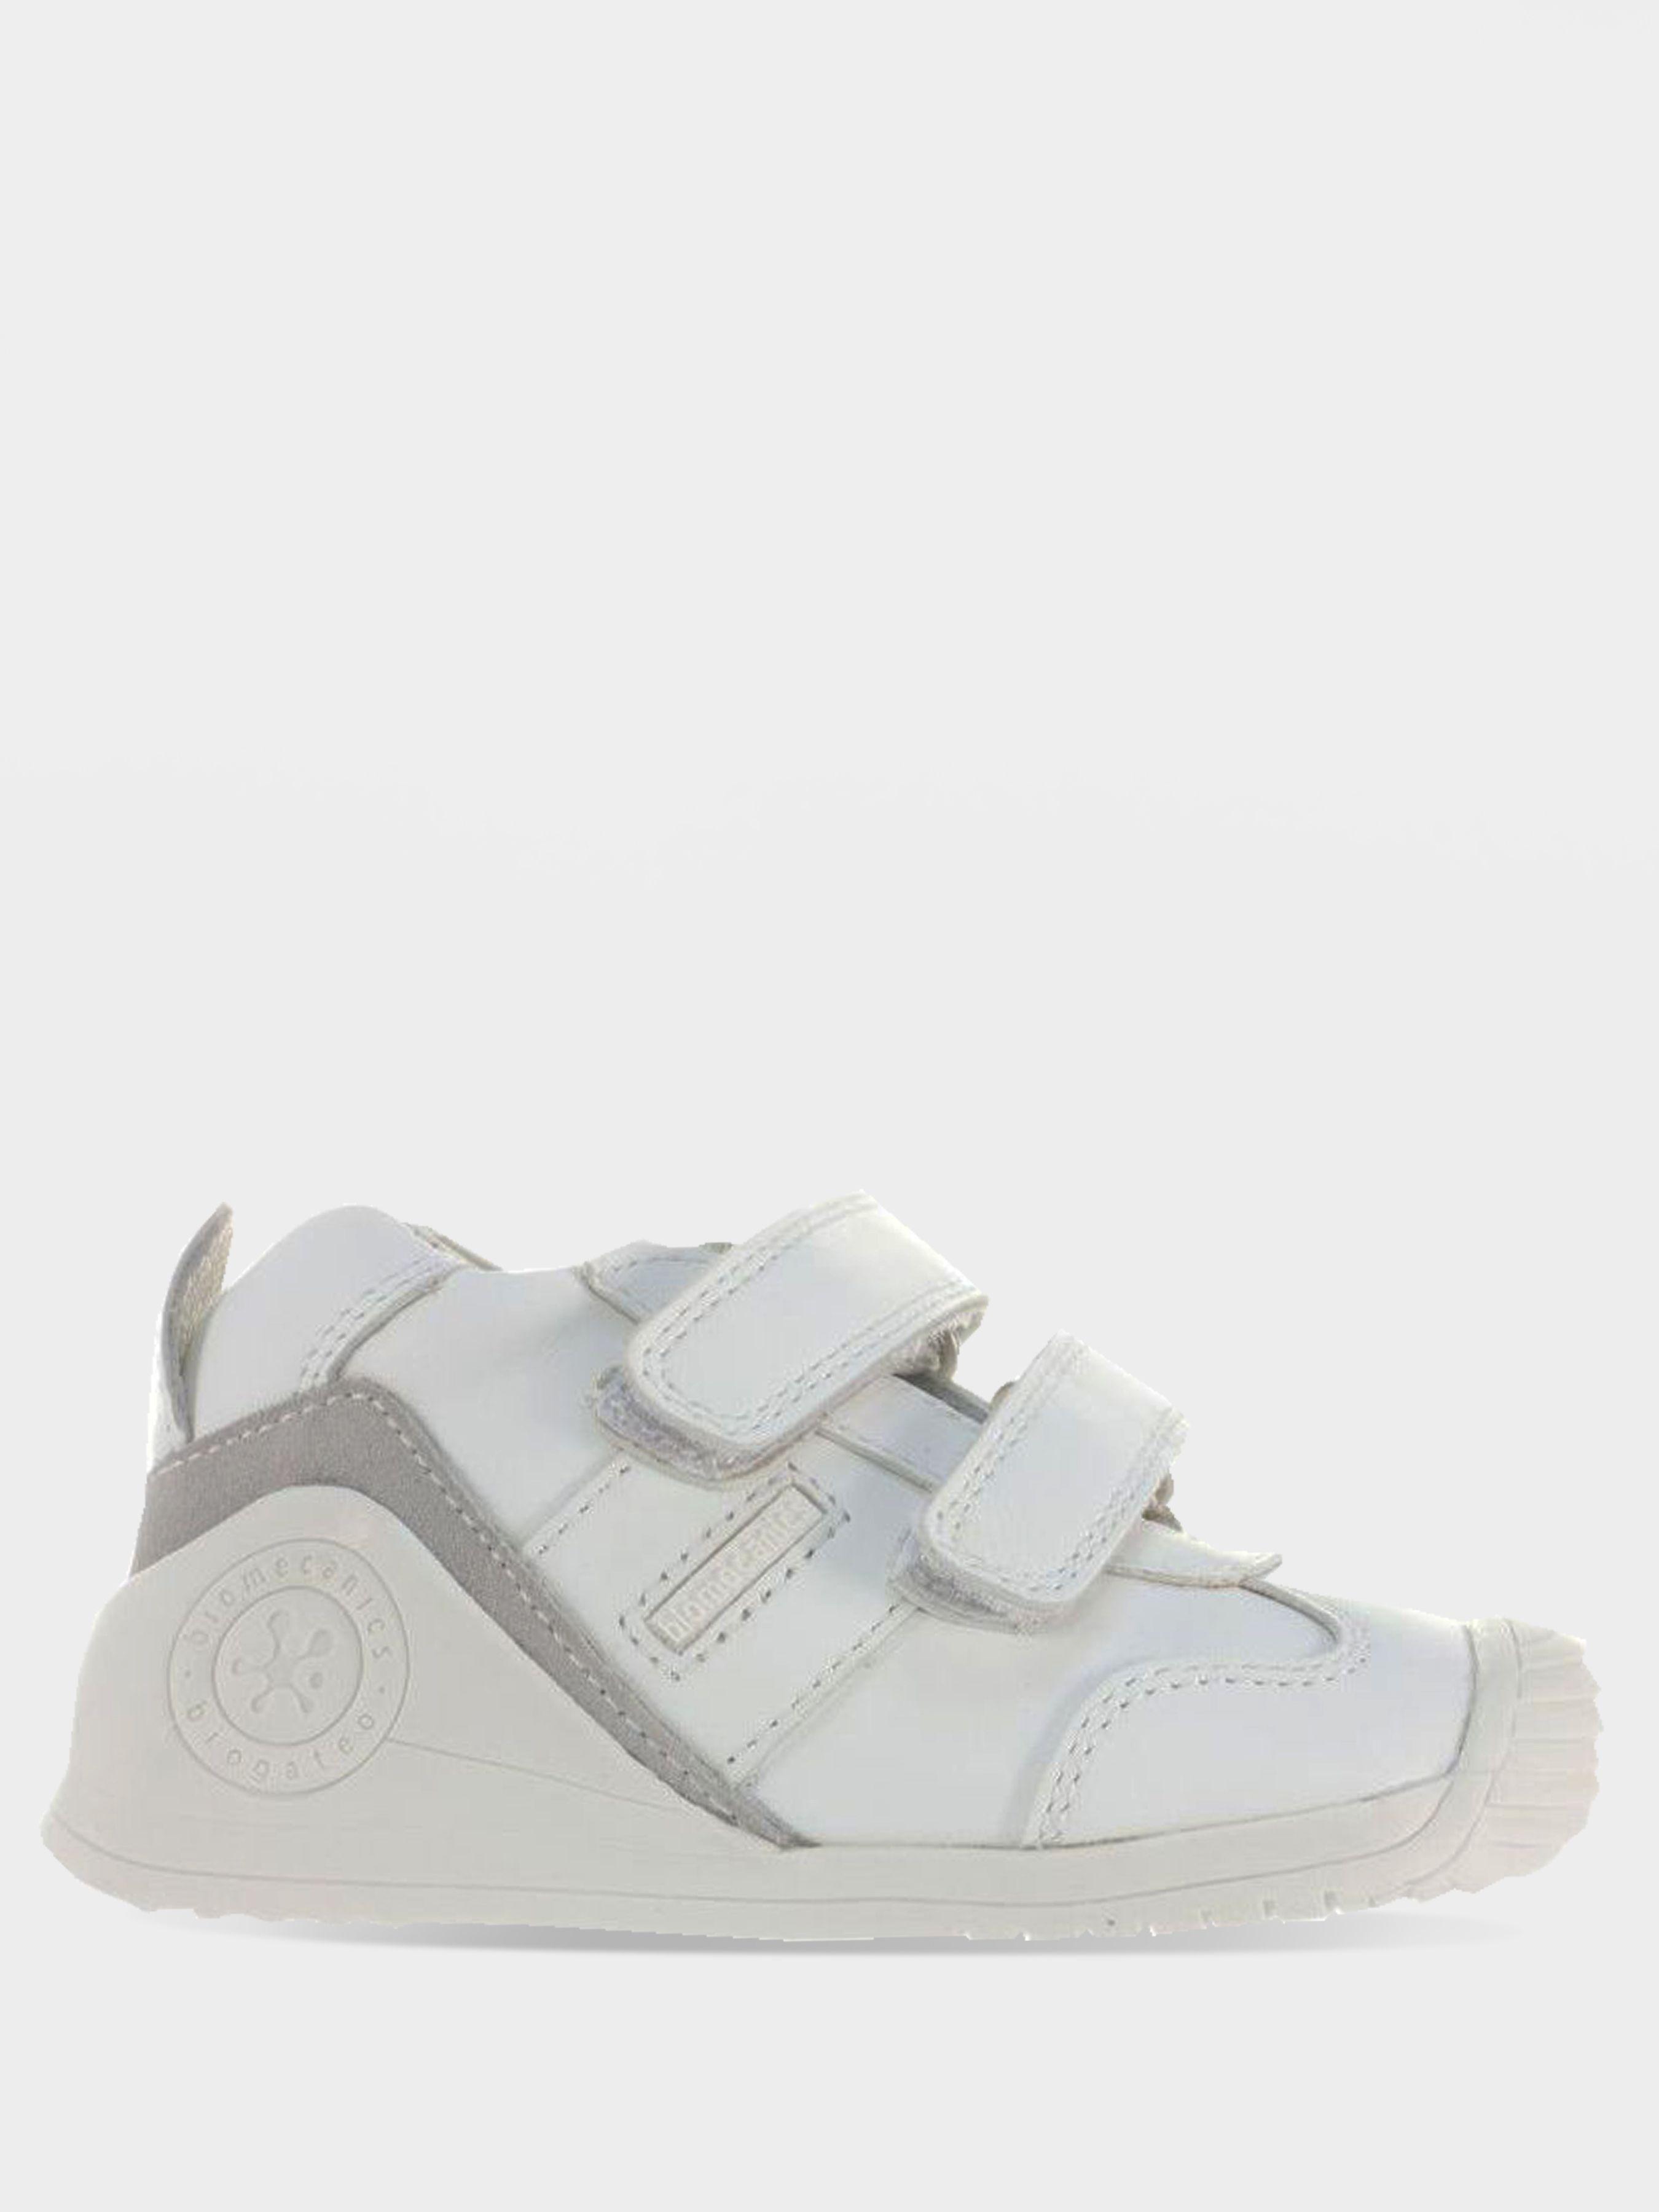 Купить Ботинки для детей Biomecanics YX62, Белый